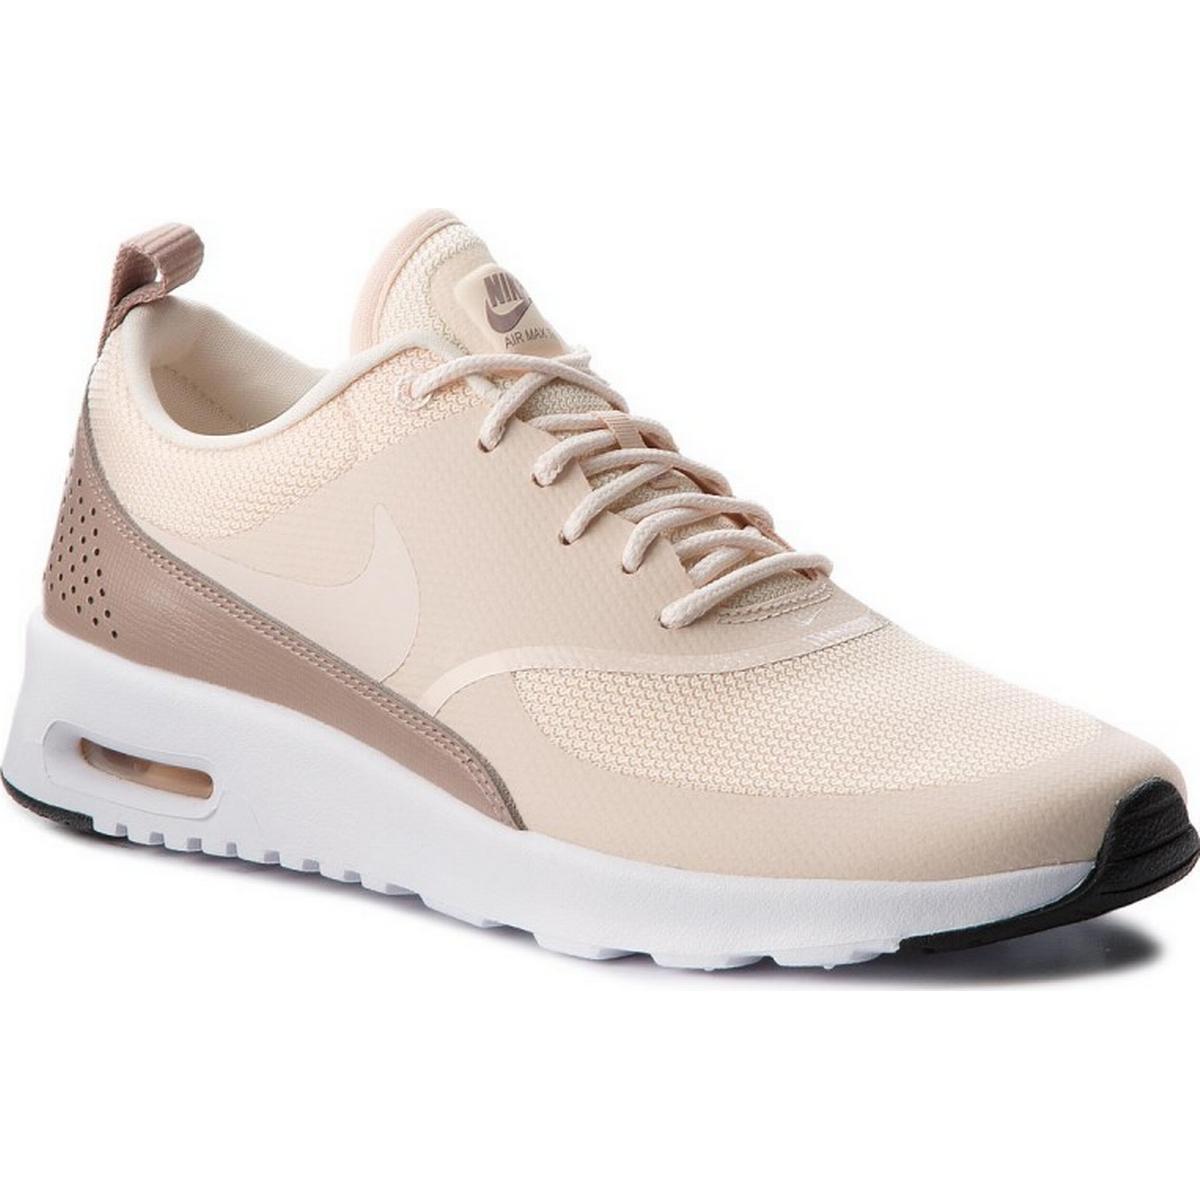 Nike Air Max Thea Premium RödRosa Sneakers Dam Rea